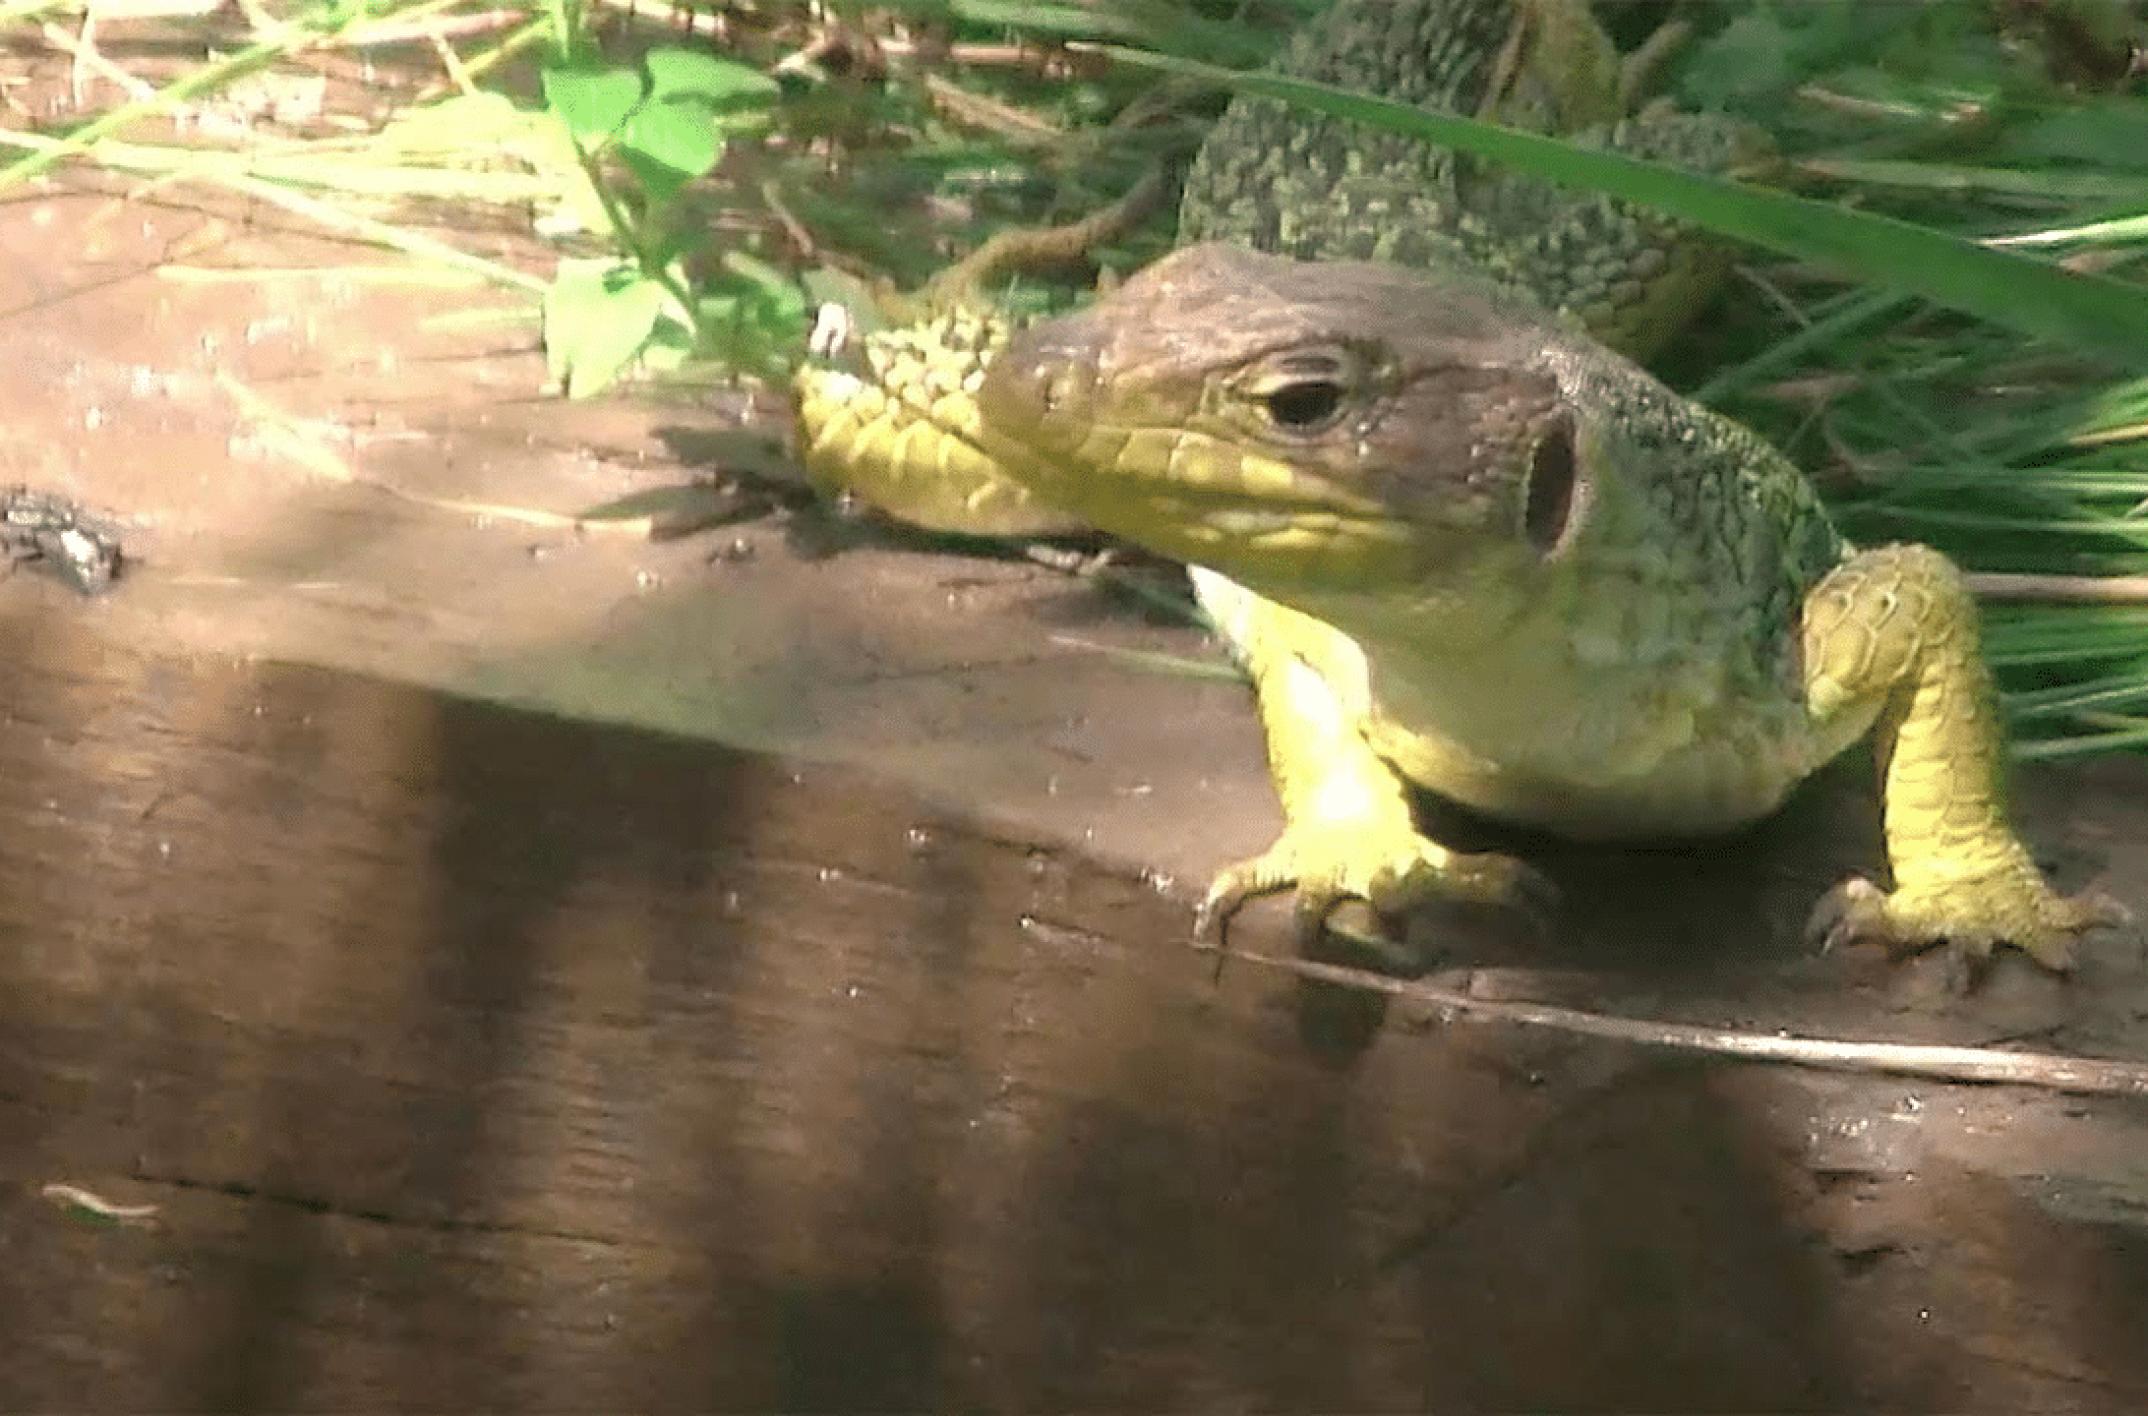 Comment faire fuir les reptiles de son jardin ?